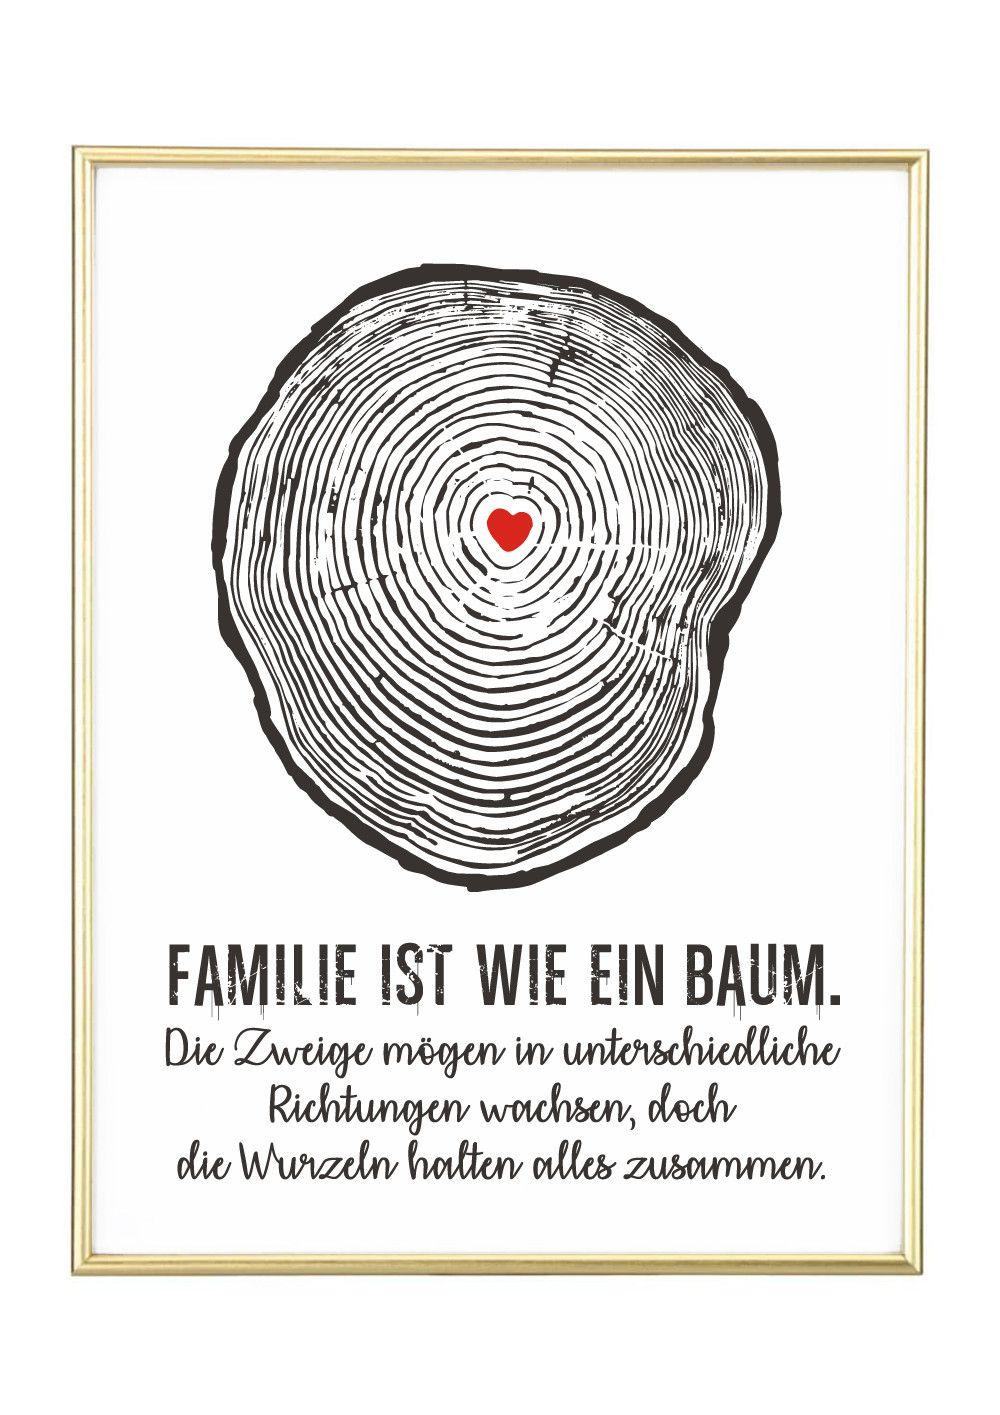 Digitaldruck Baum Kunstdruck Poster Geschenk Ein Designerstuck Von Jolanswelt Bei Dawanda Poster Spruche Weisheiten Spruche Nachdenkliche Spruche